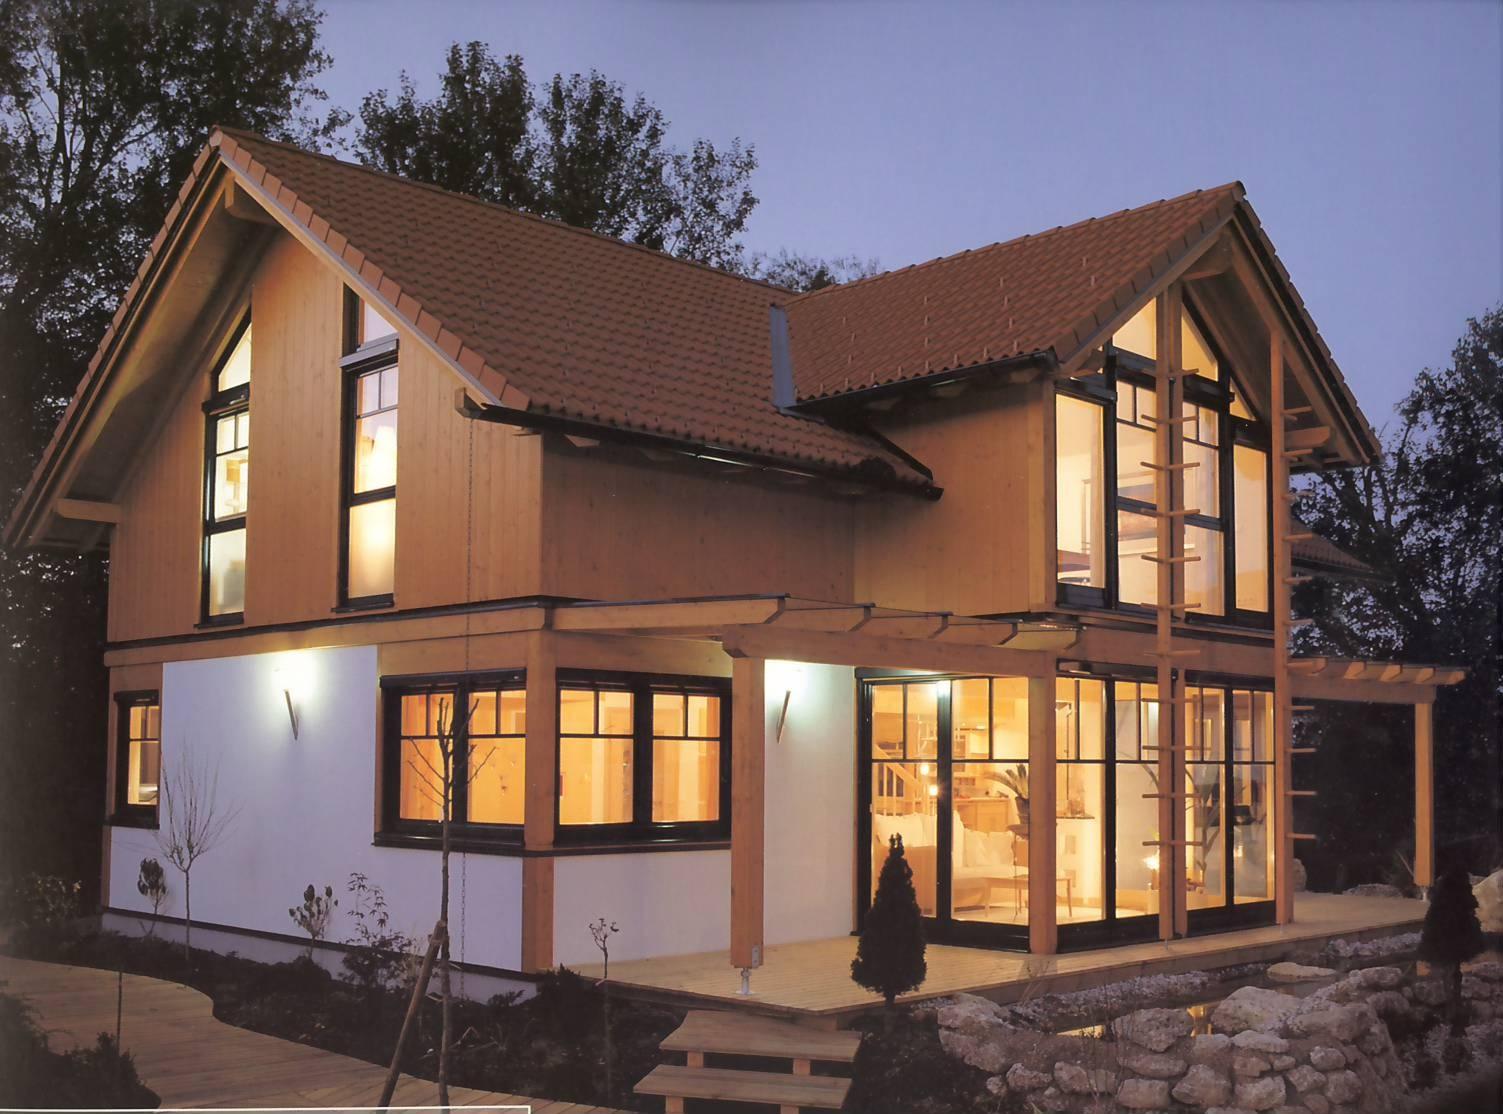 Progetto casa naturale case in legno prefabbricate for Case di legno prezzi